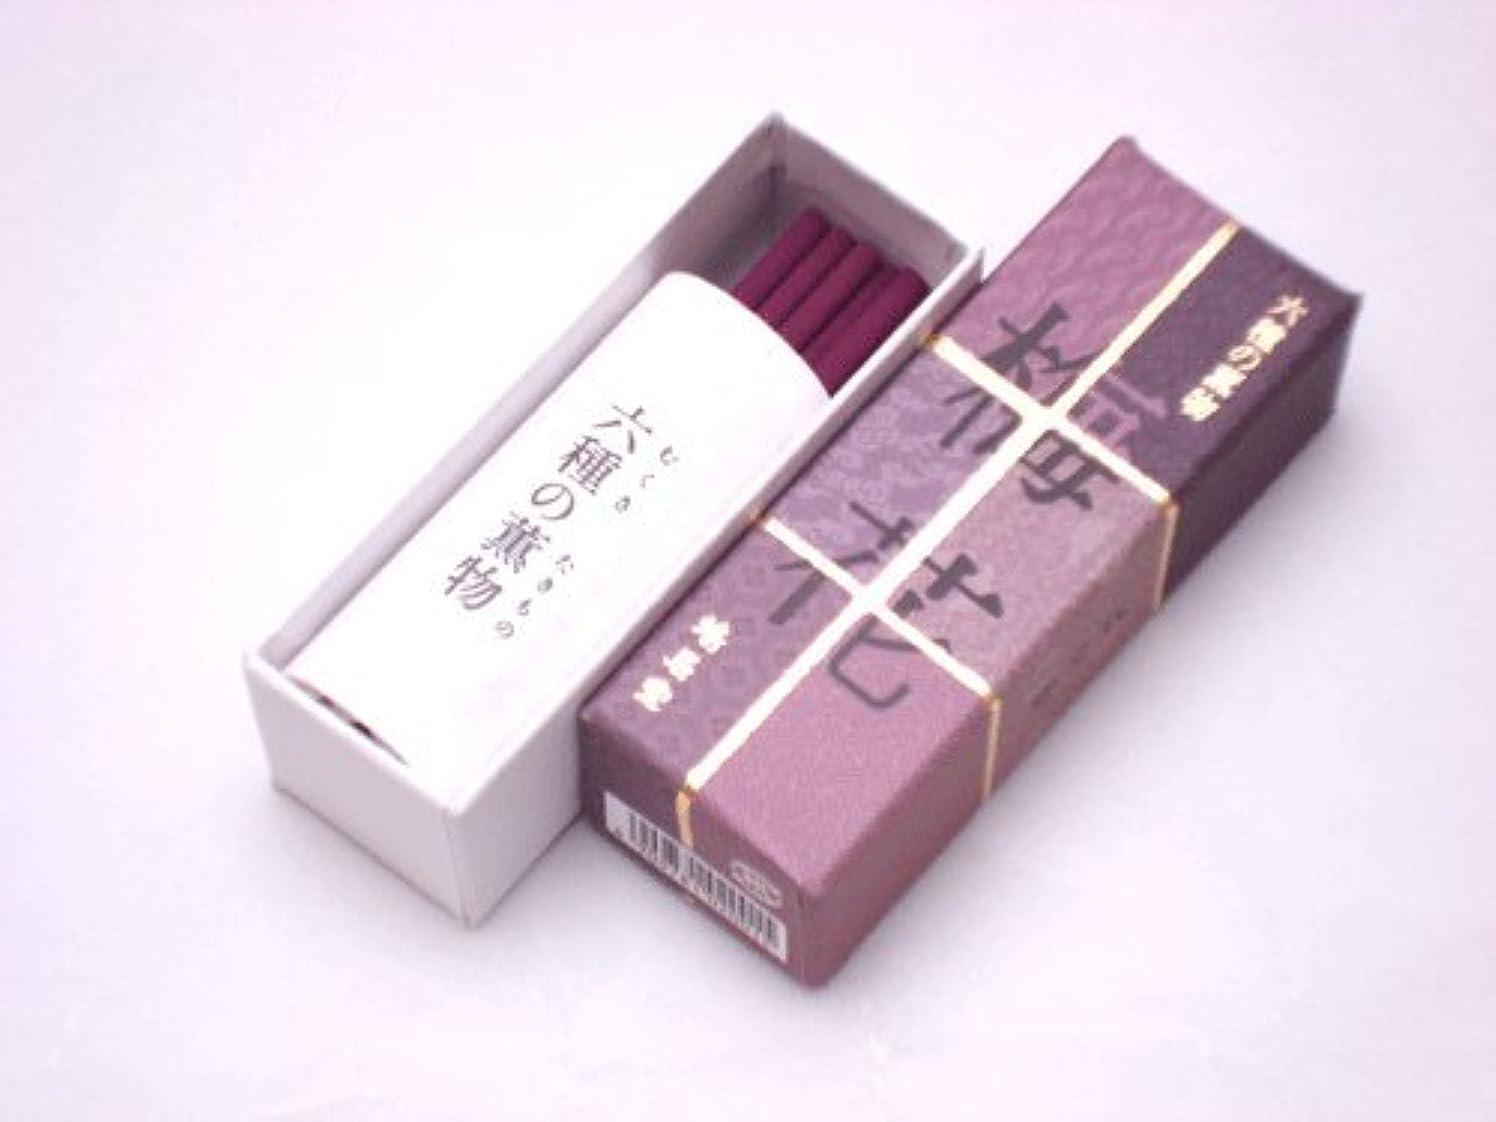 電池逸話バッテリー鳩居堂 六種の薫物 梅花(ばいか) スティック【お香】